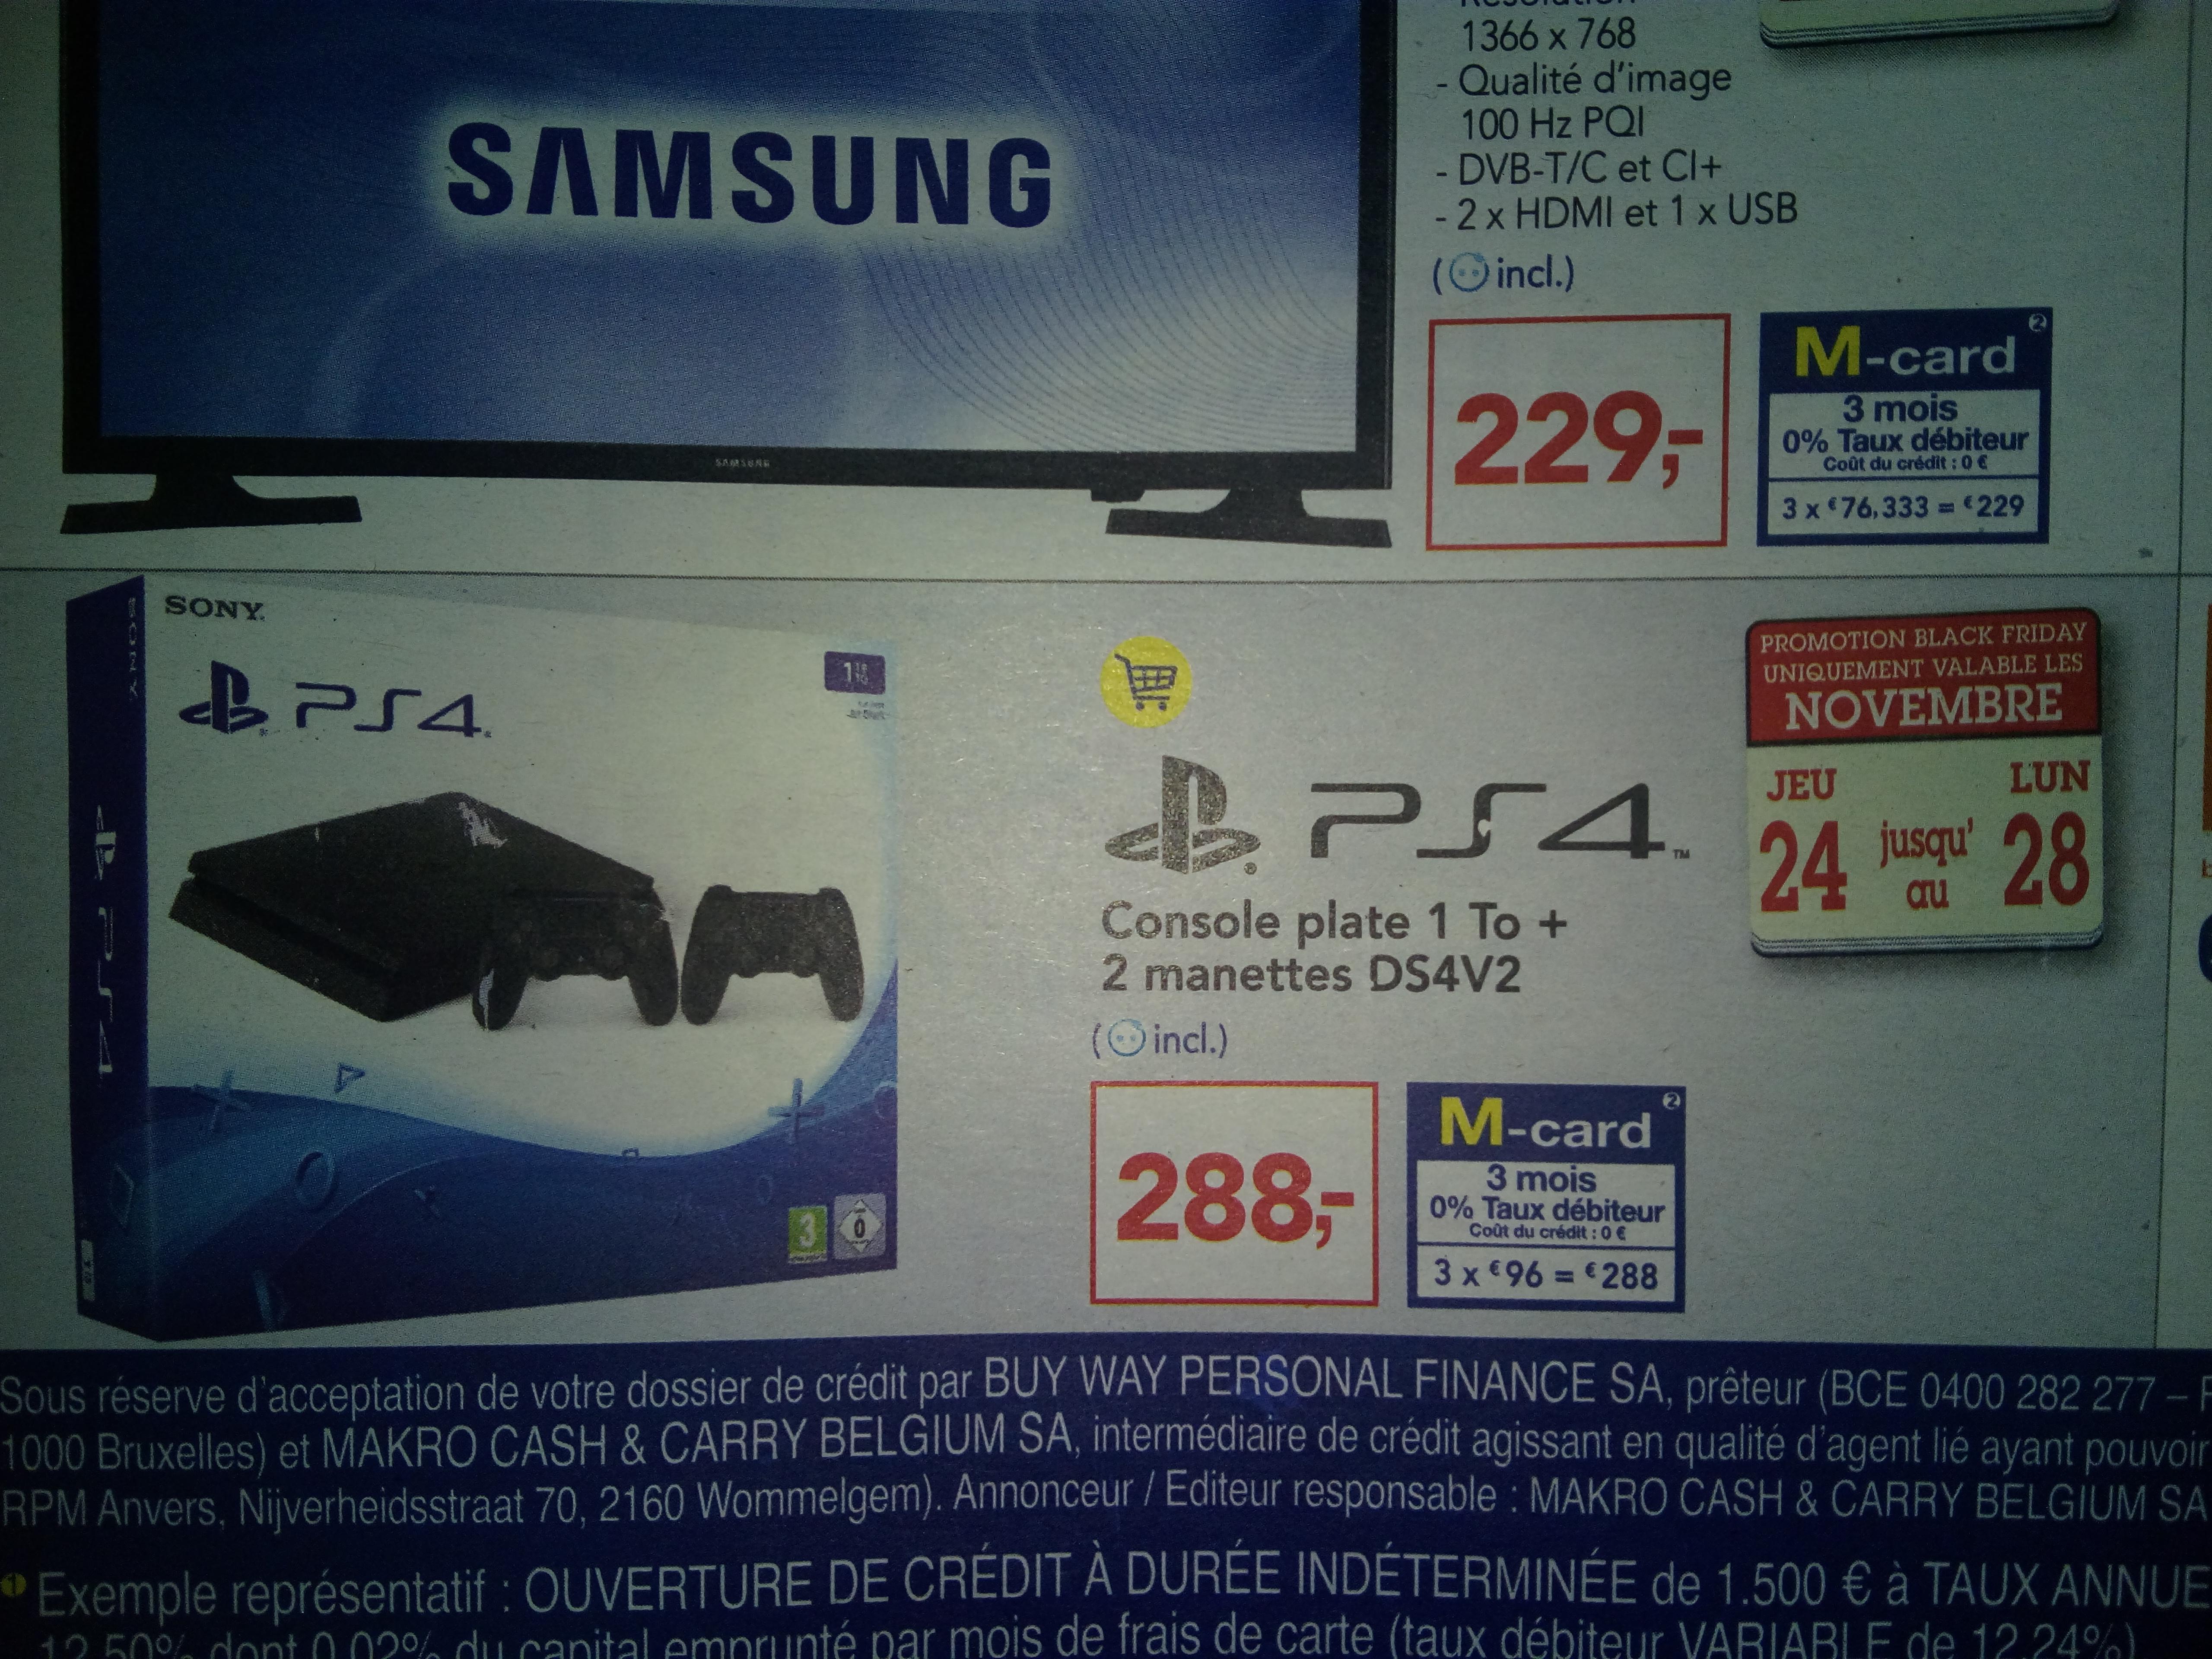 Sélection de produits en promotion - Ex : Console Sony Playstation 4 Slim 1 To + 2ème manette